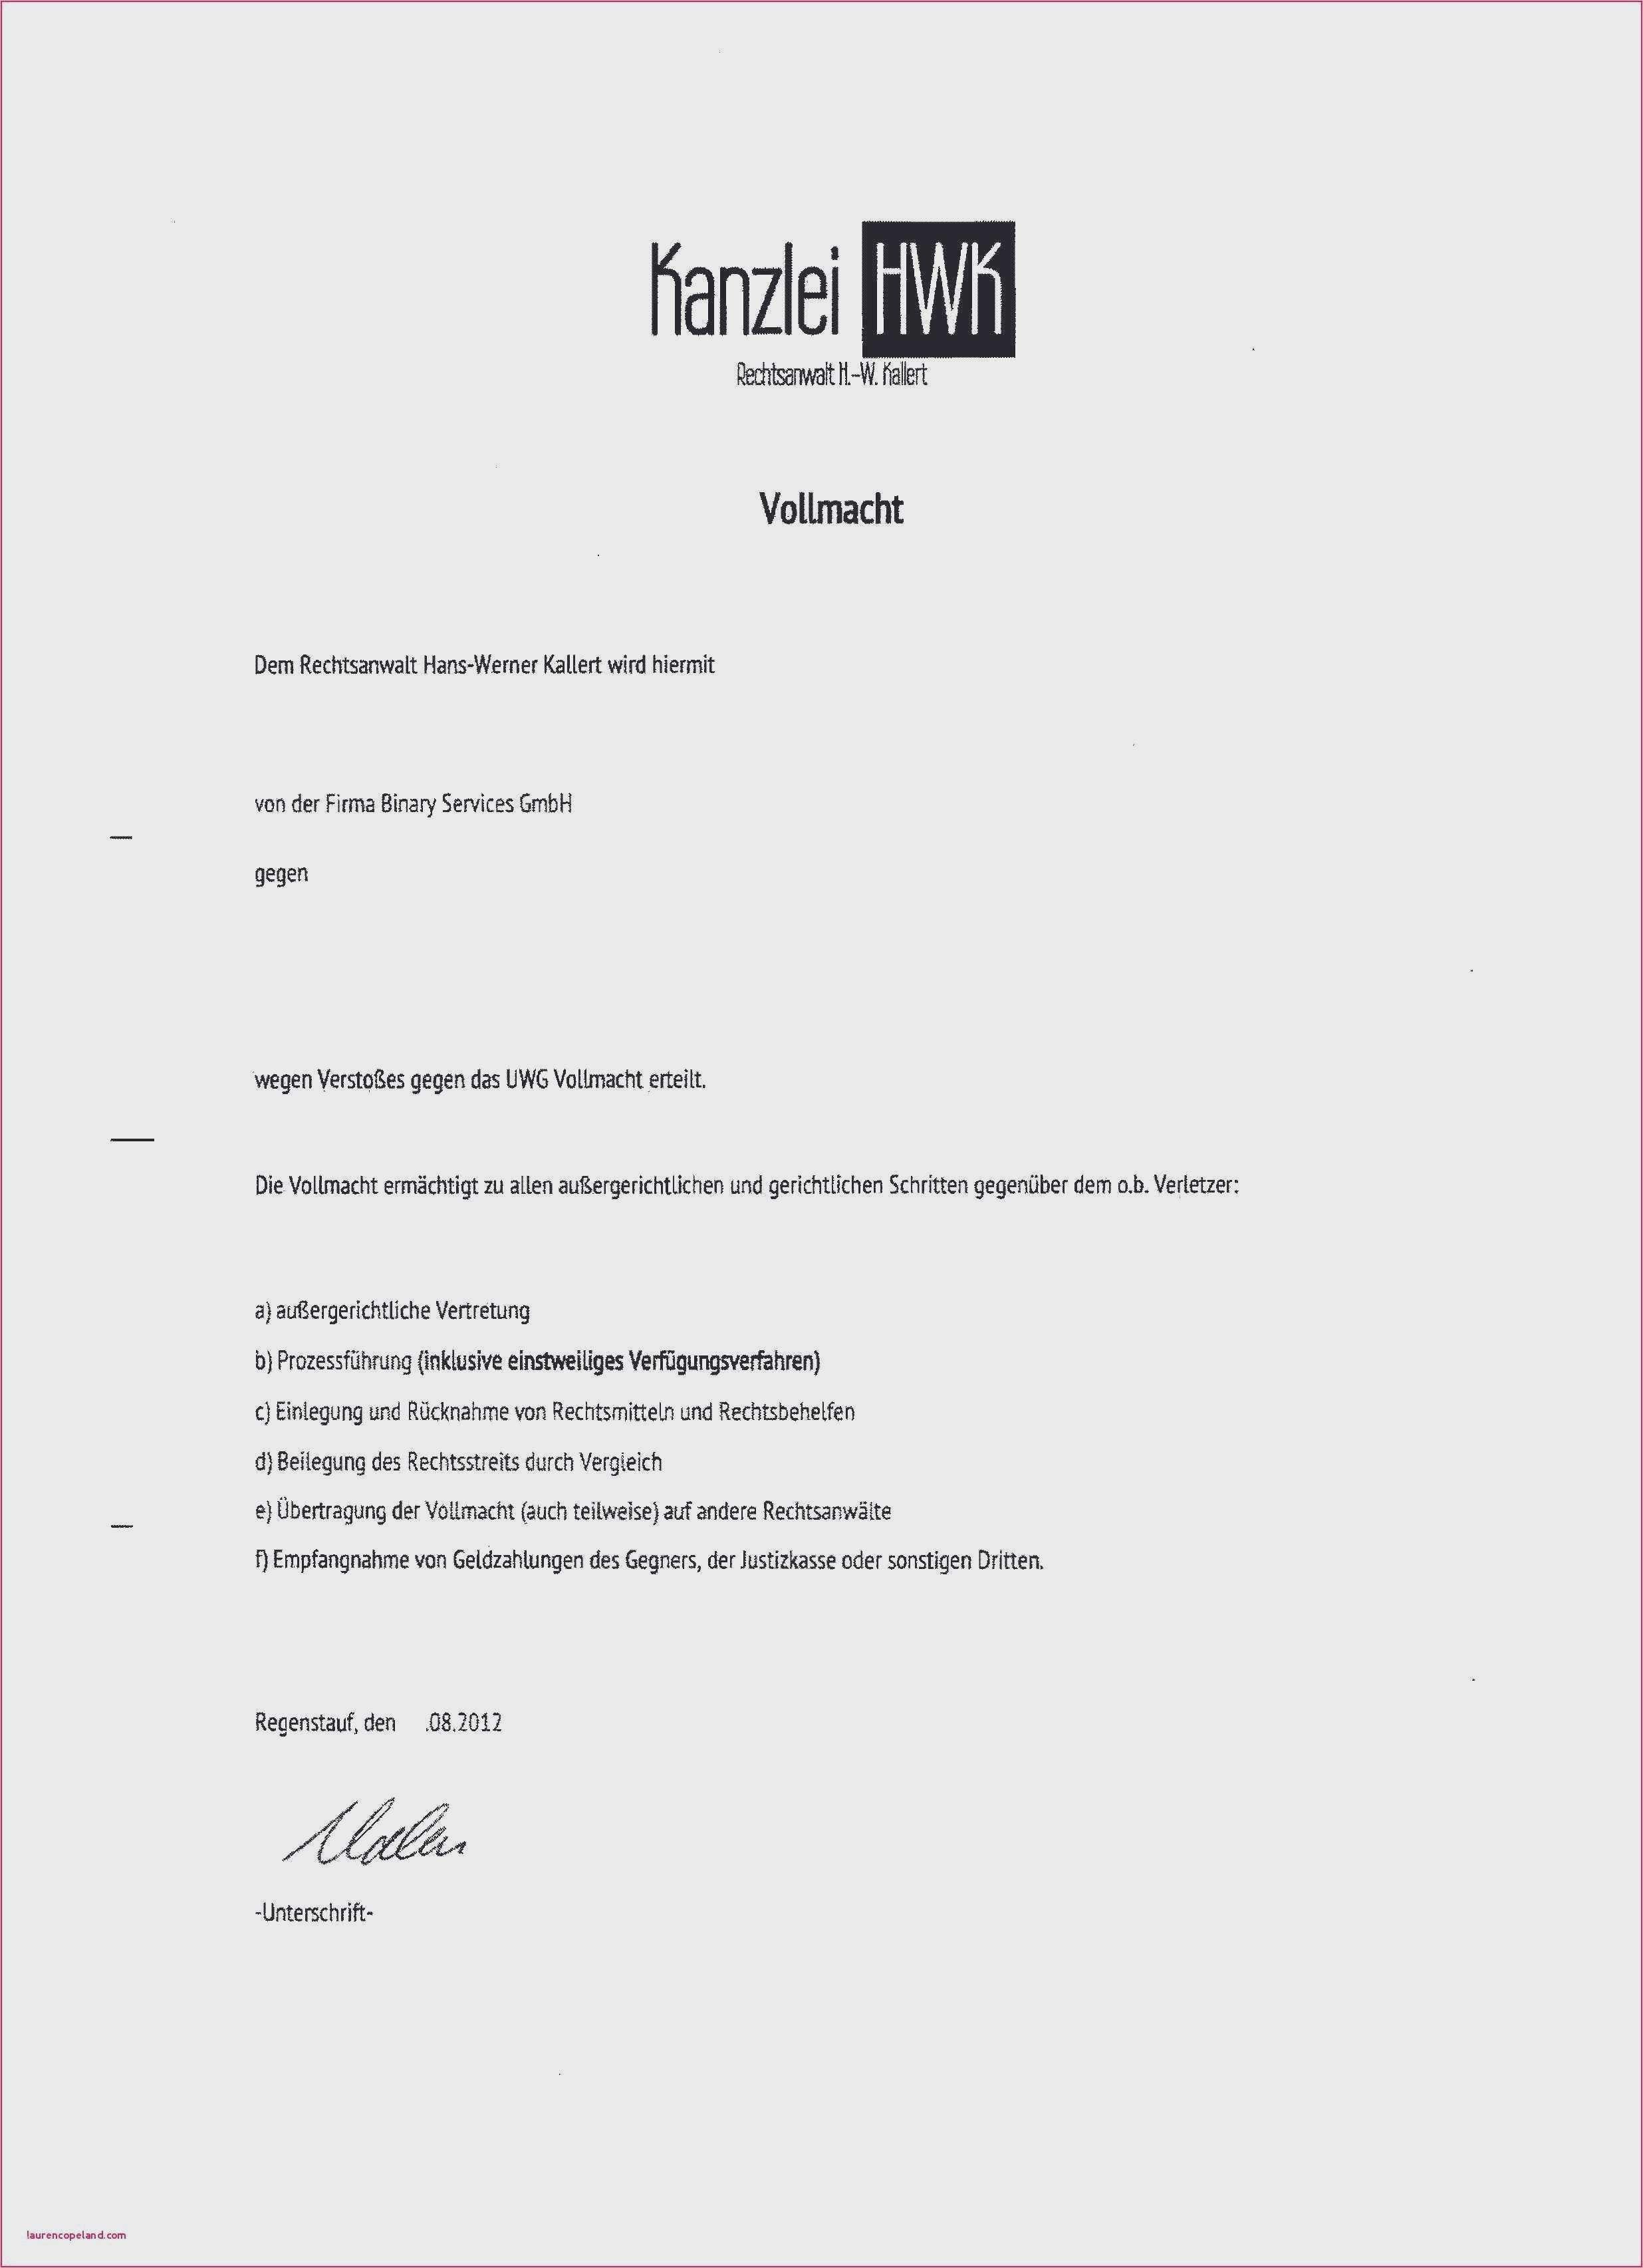 Stromanbieter Kundigen Wegen Umzug Vorlage 43 Luxus Diese Konnen Einstellen Fur Ihre Erstaunl In 2020 Lebenslauf Briefkopf Vorlage Vorlagen